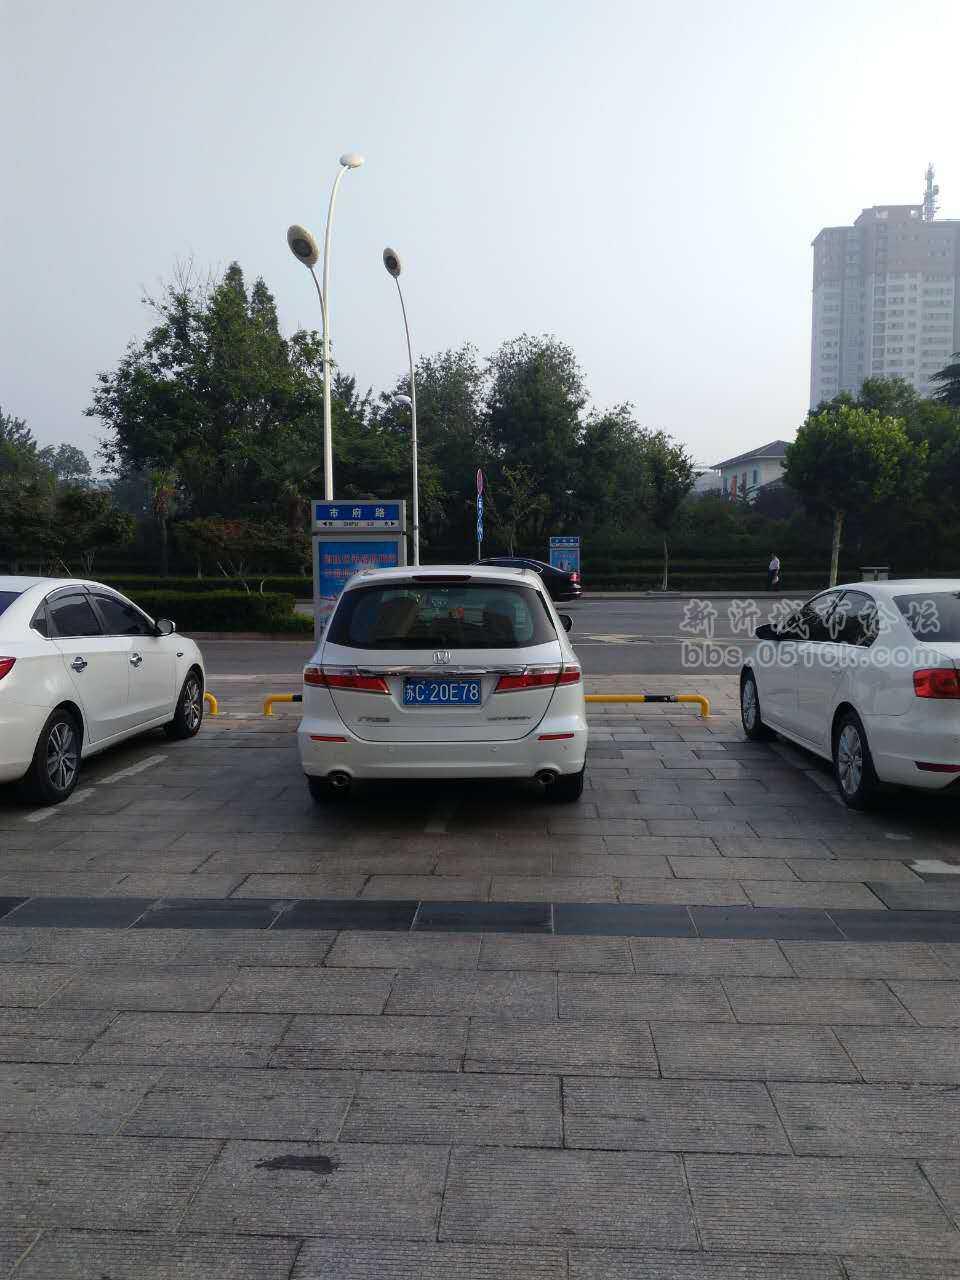 这车停的 该说你点什么呢 免费的停车场地,也画了车位,可你为什么就不能停在车位里呢 你一个人占了两个车位让别人怎么说你呢